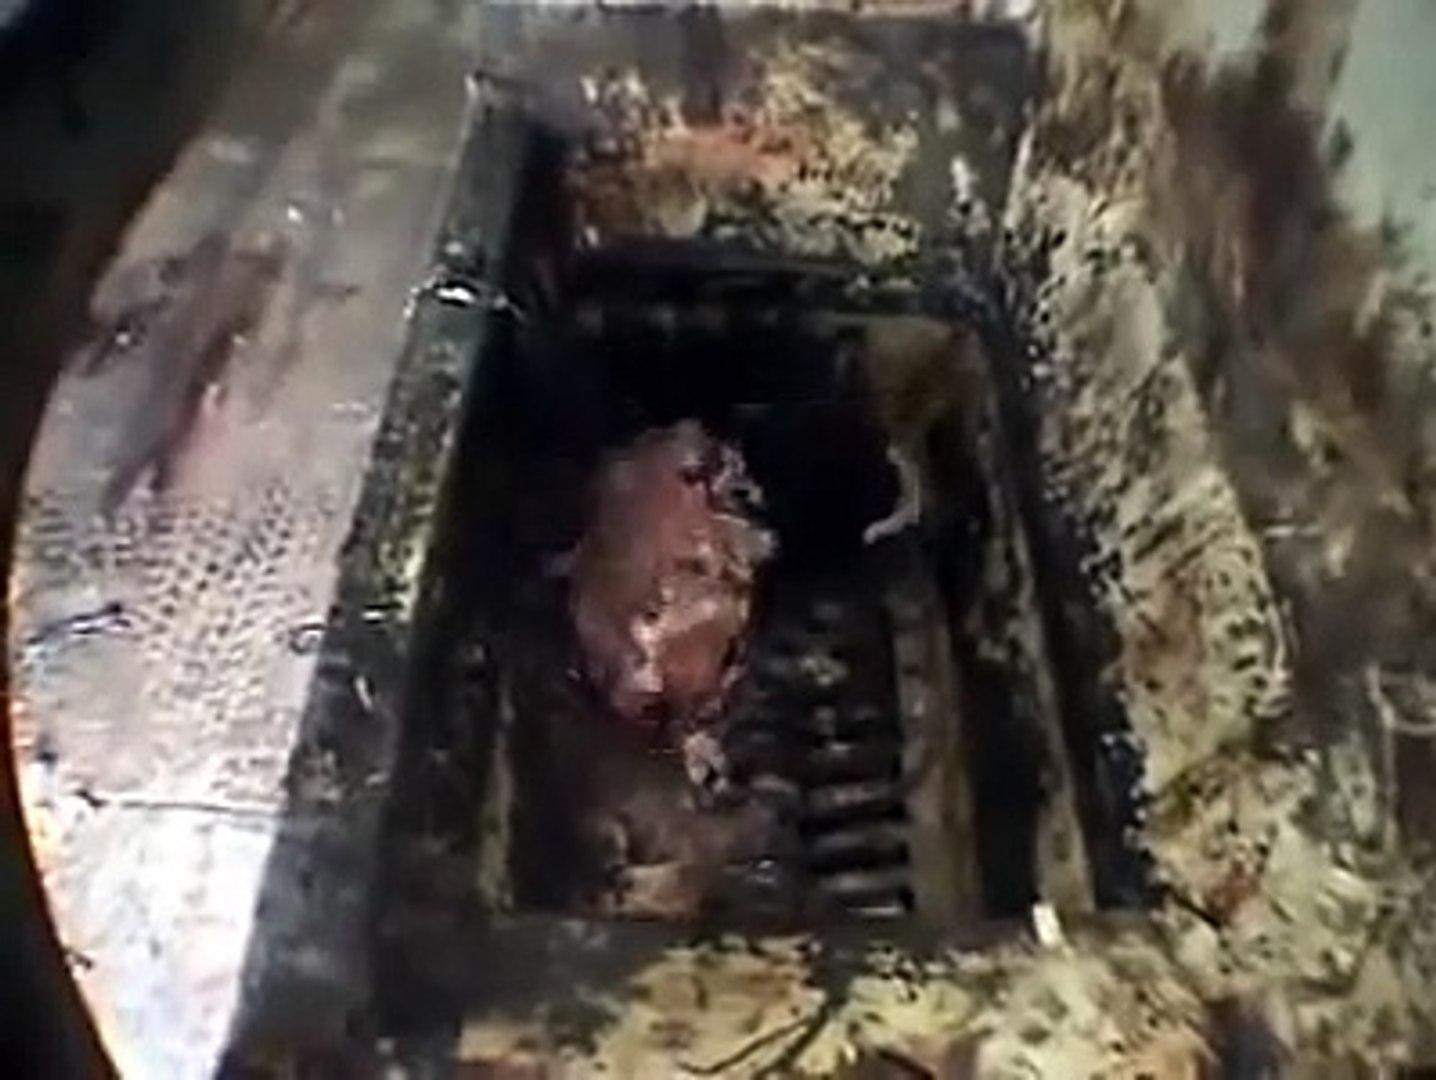 maquina de moer animais